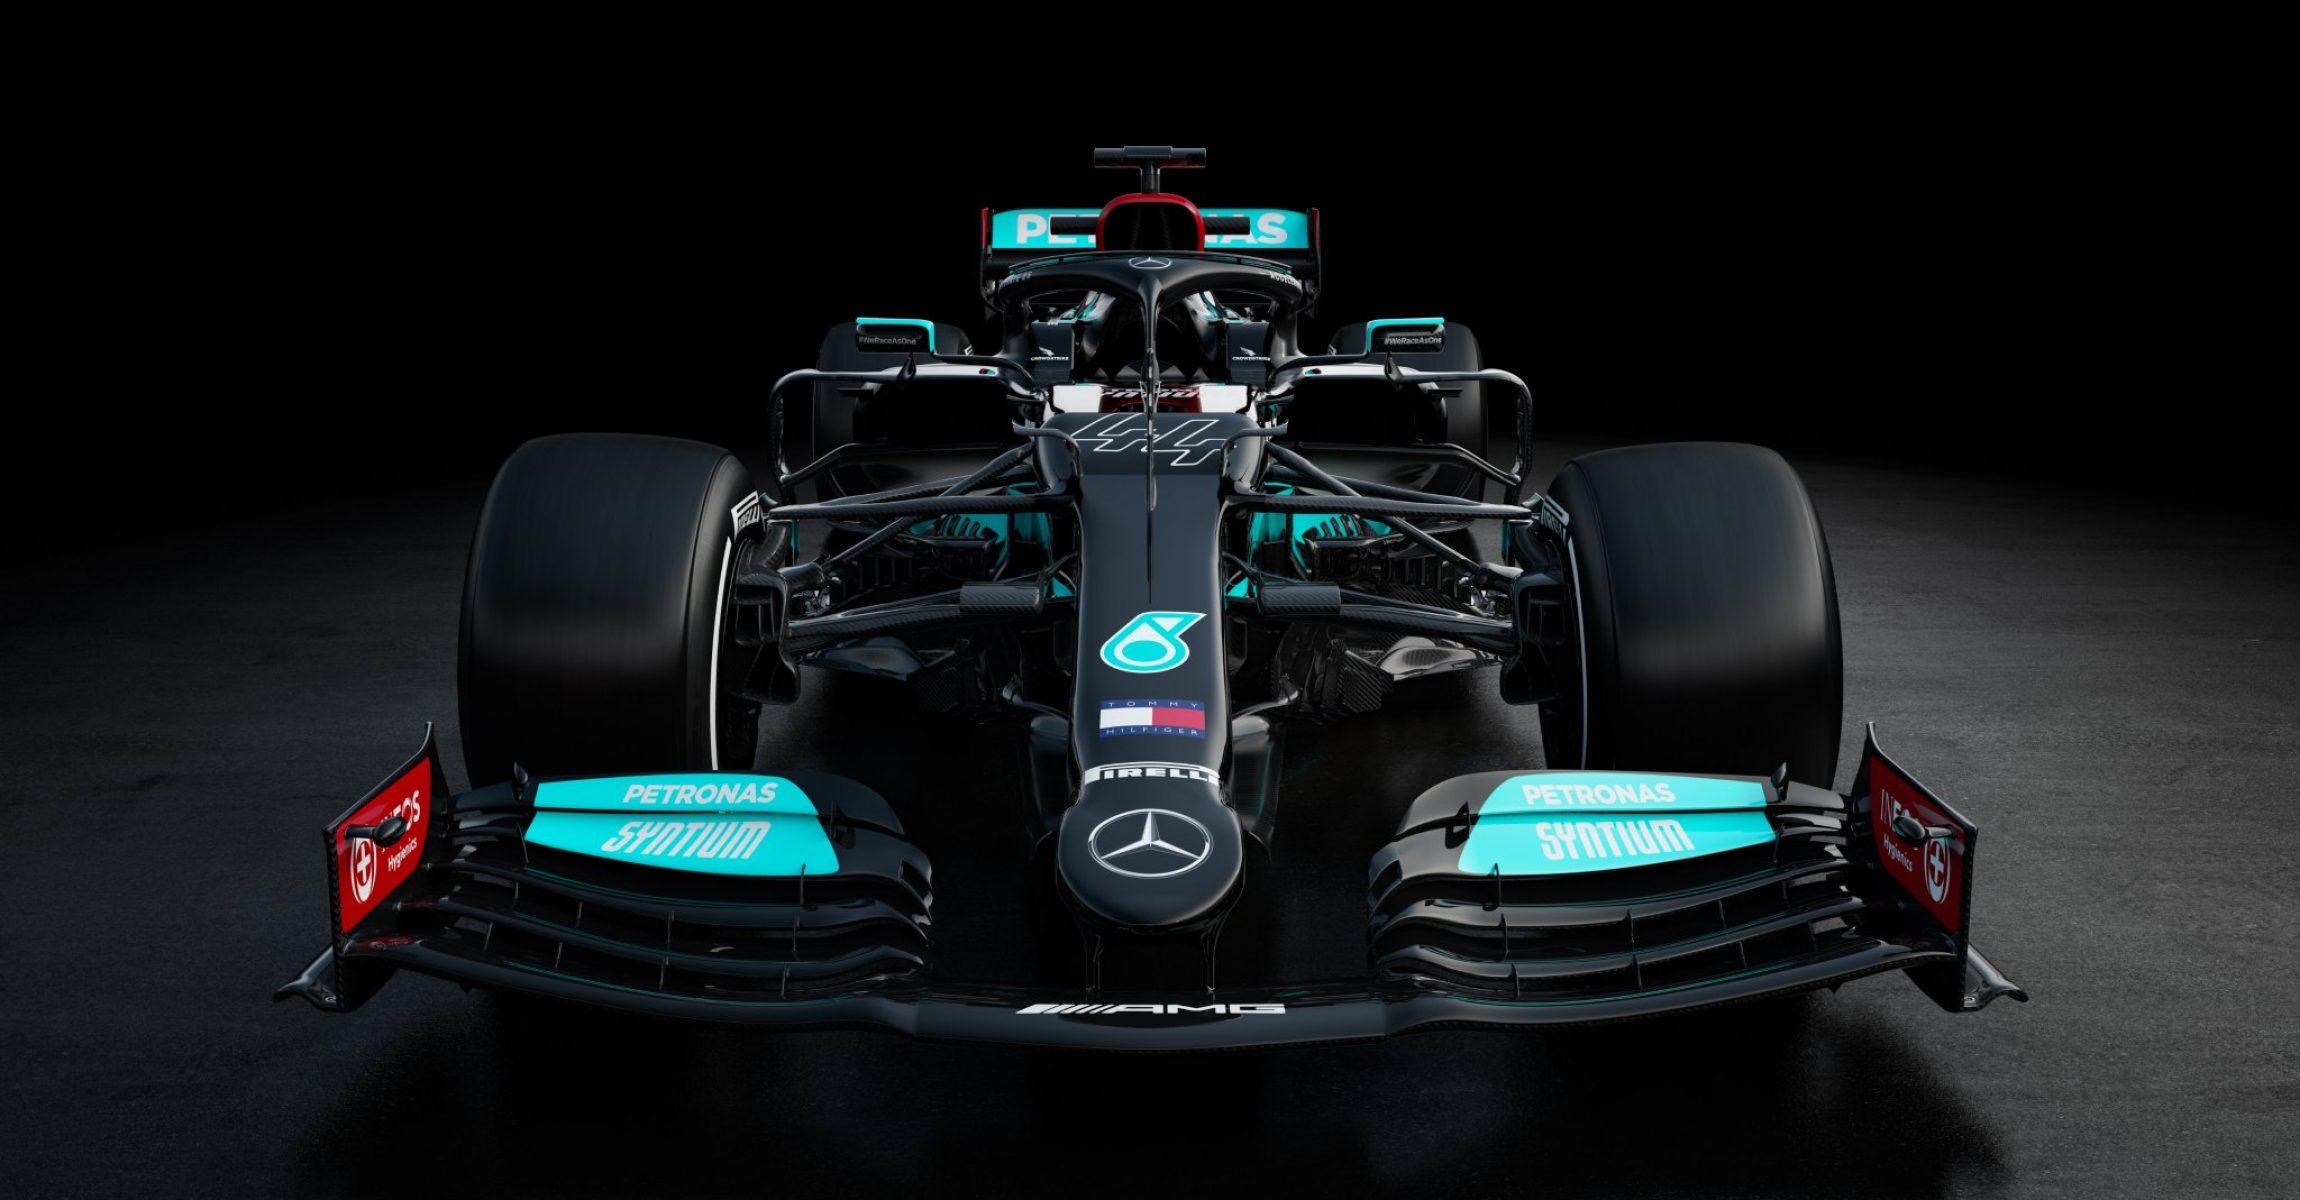 Mercedes W12 studio image